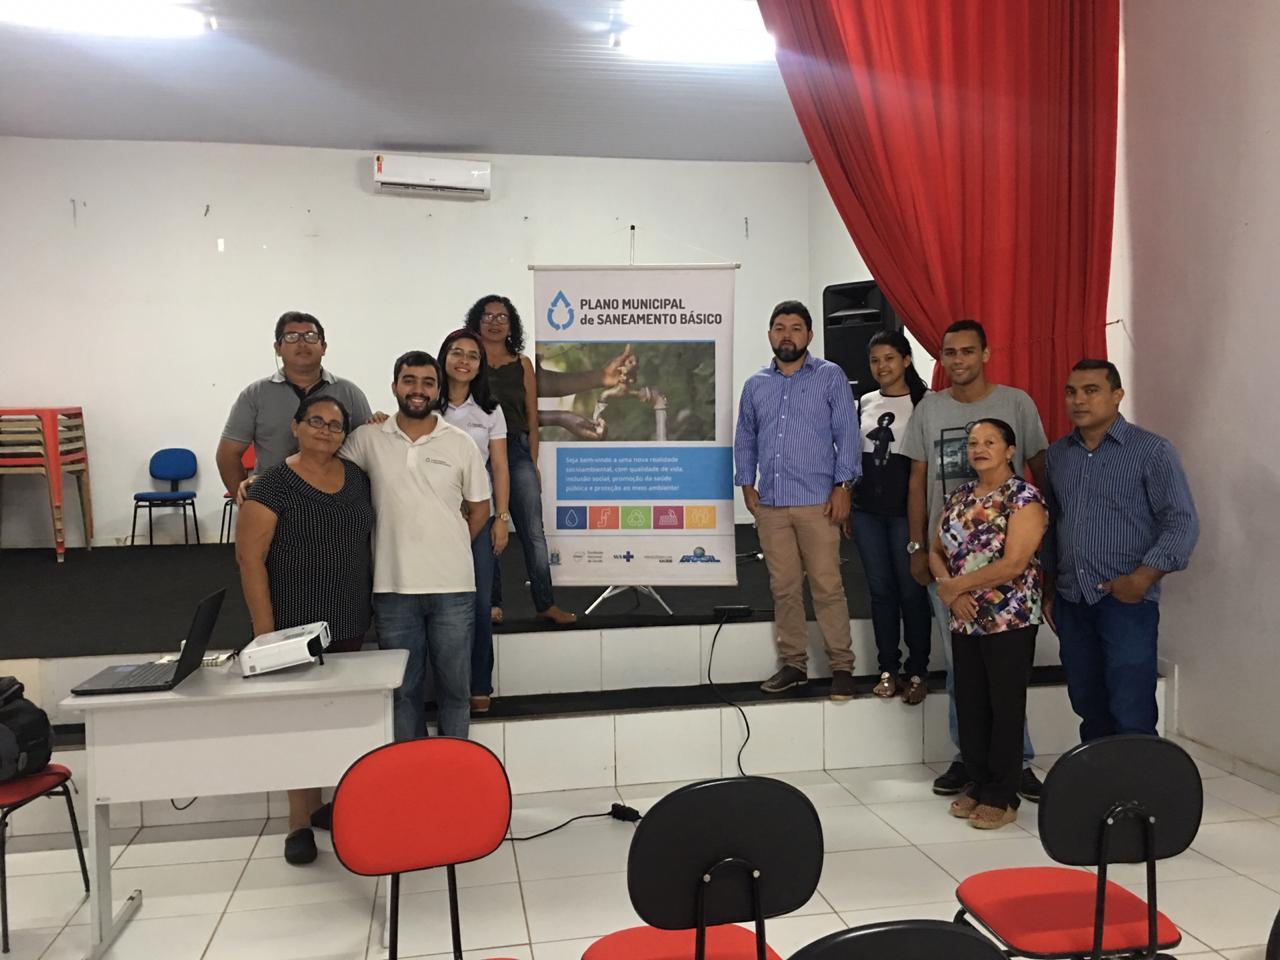 Plano Municipal de Saneamento Básico é discutido em João Lisboa pelo Comitê local!